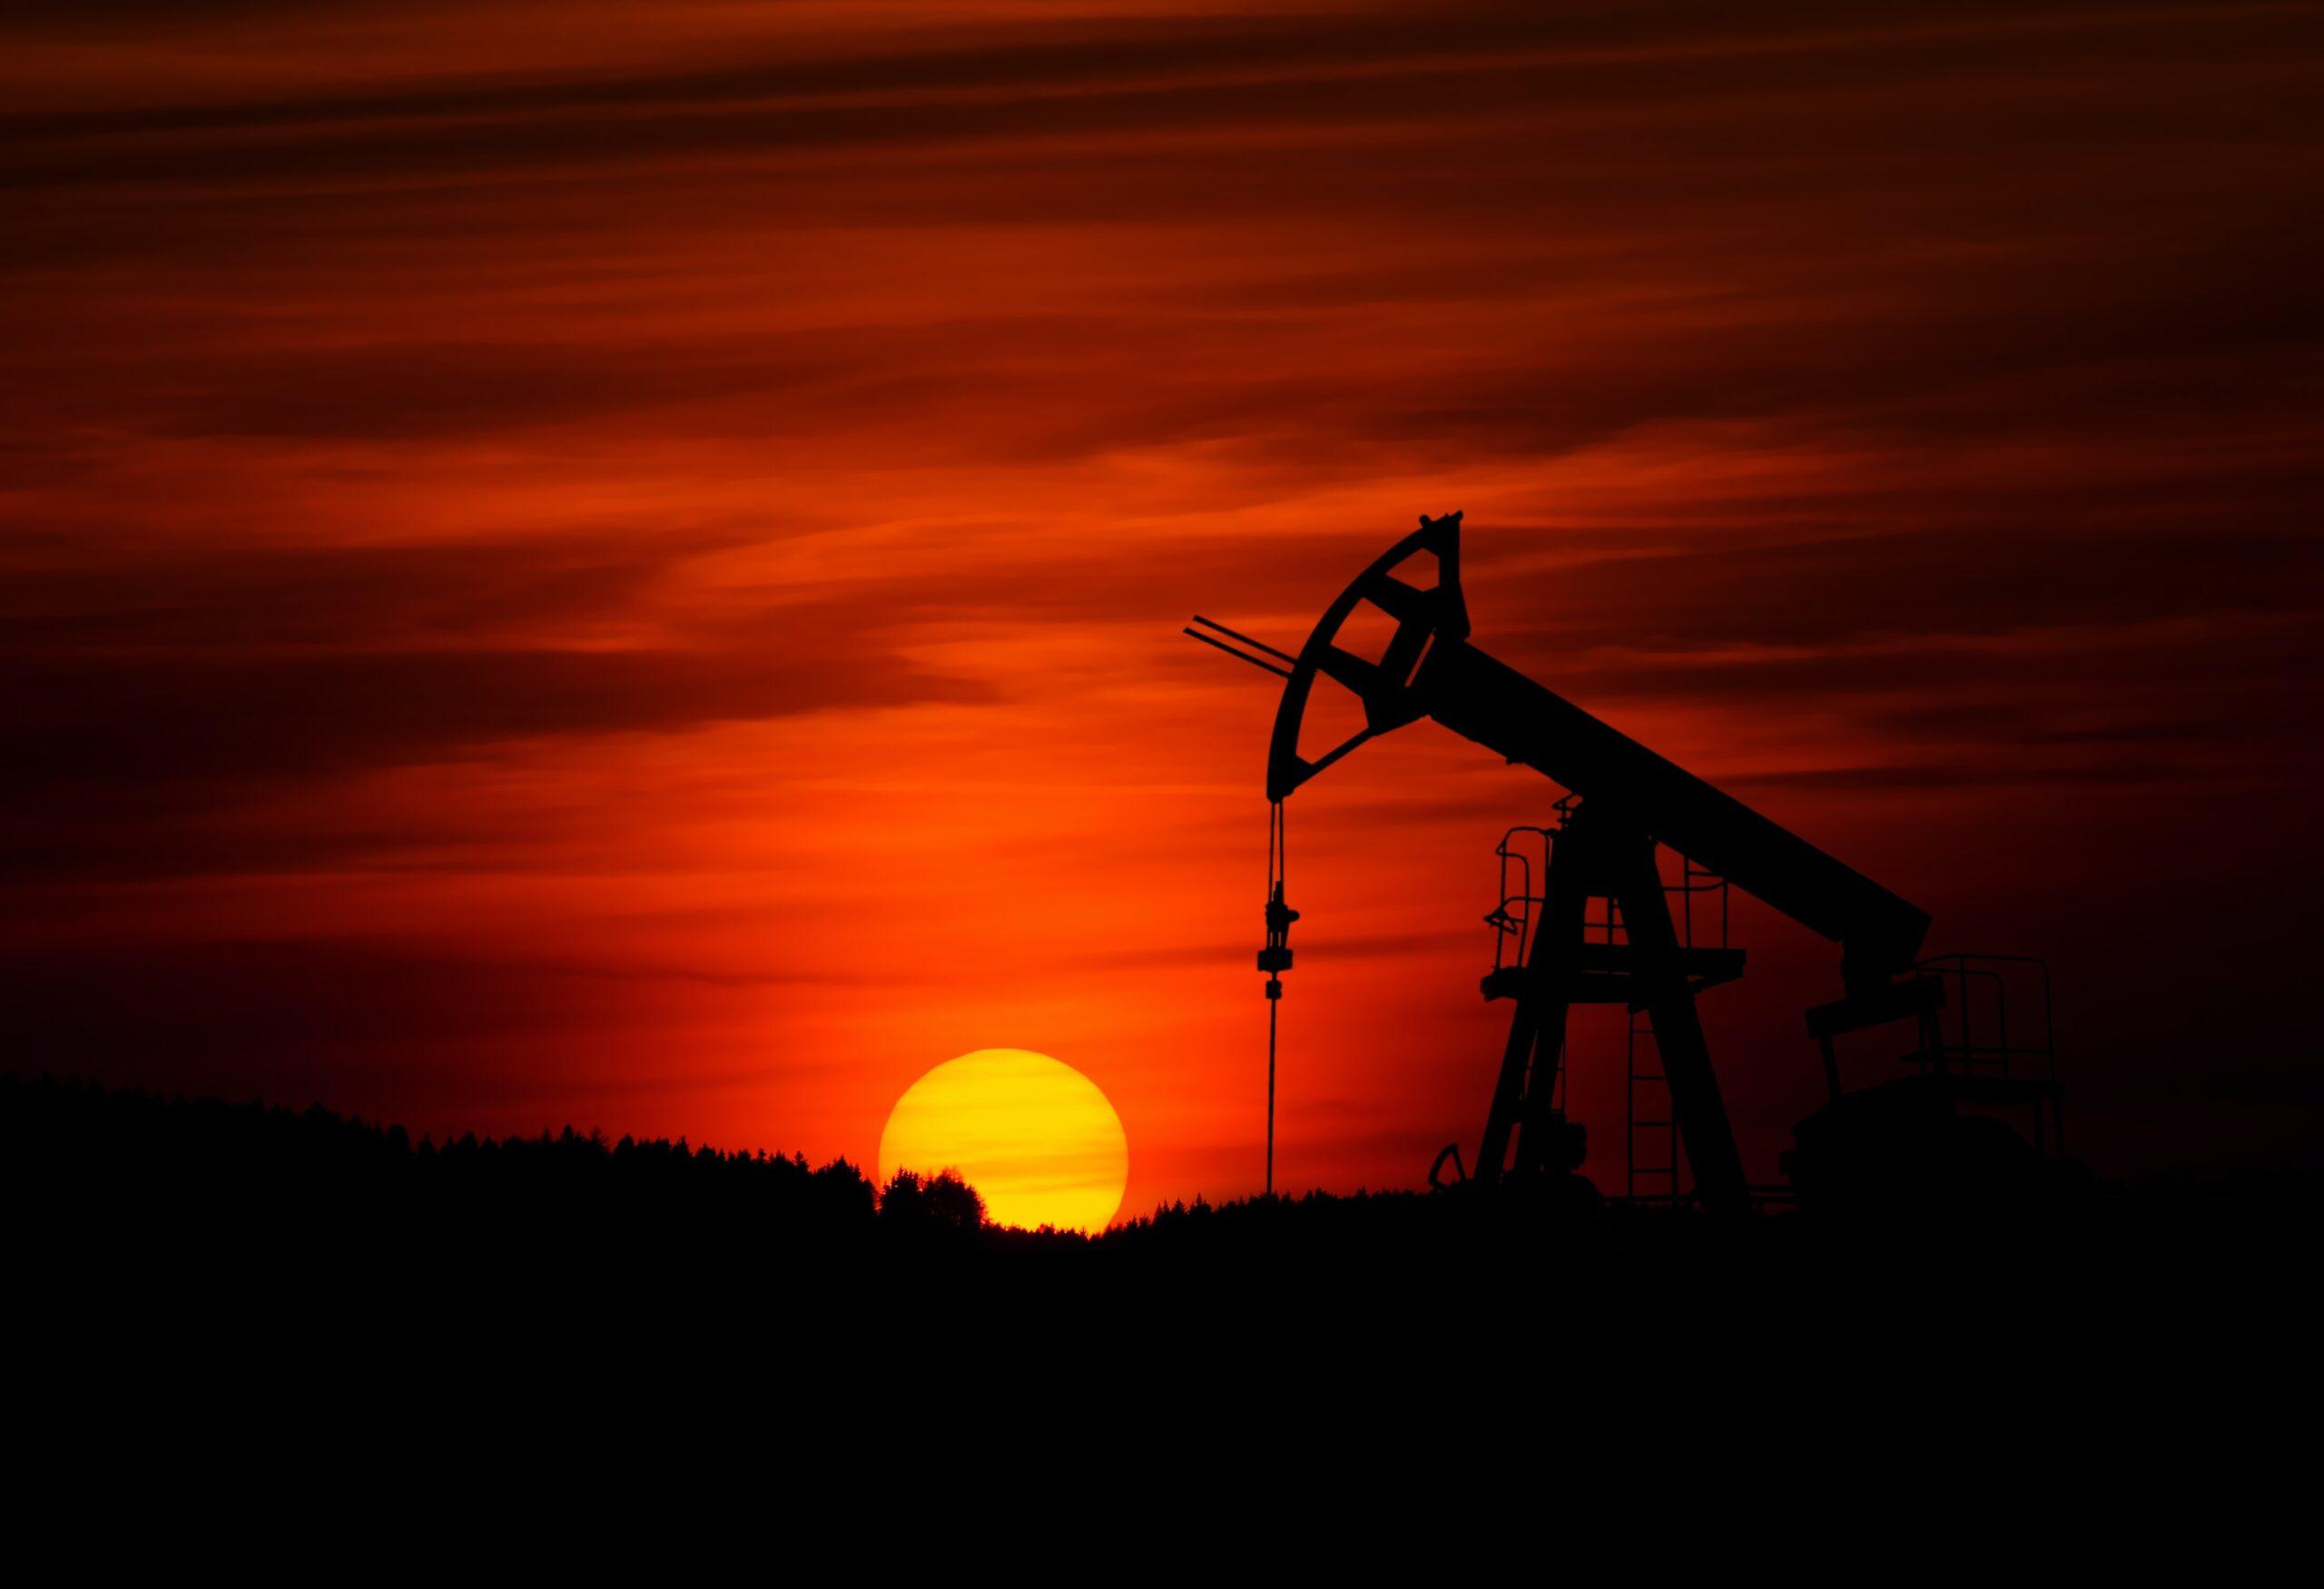 U.S. Petroleum Data Shows Ambiguous Signs About Market Demand